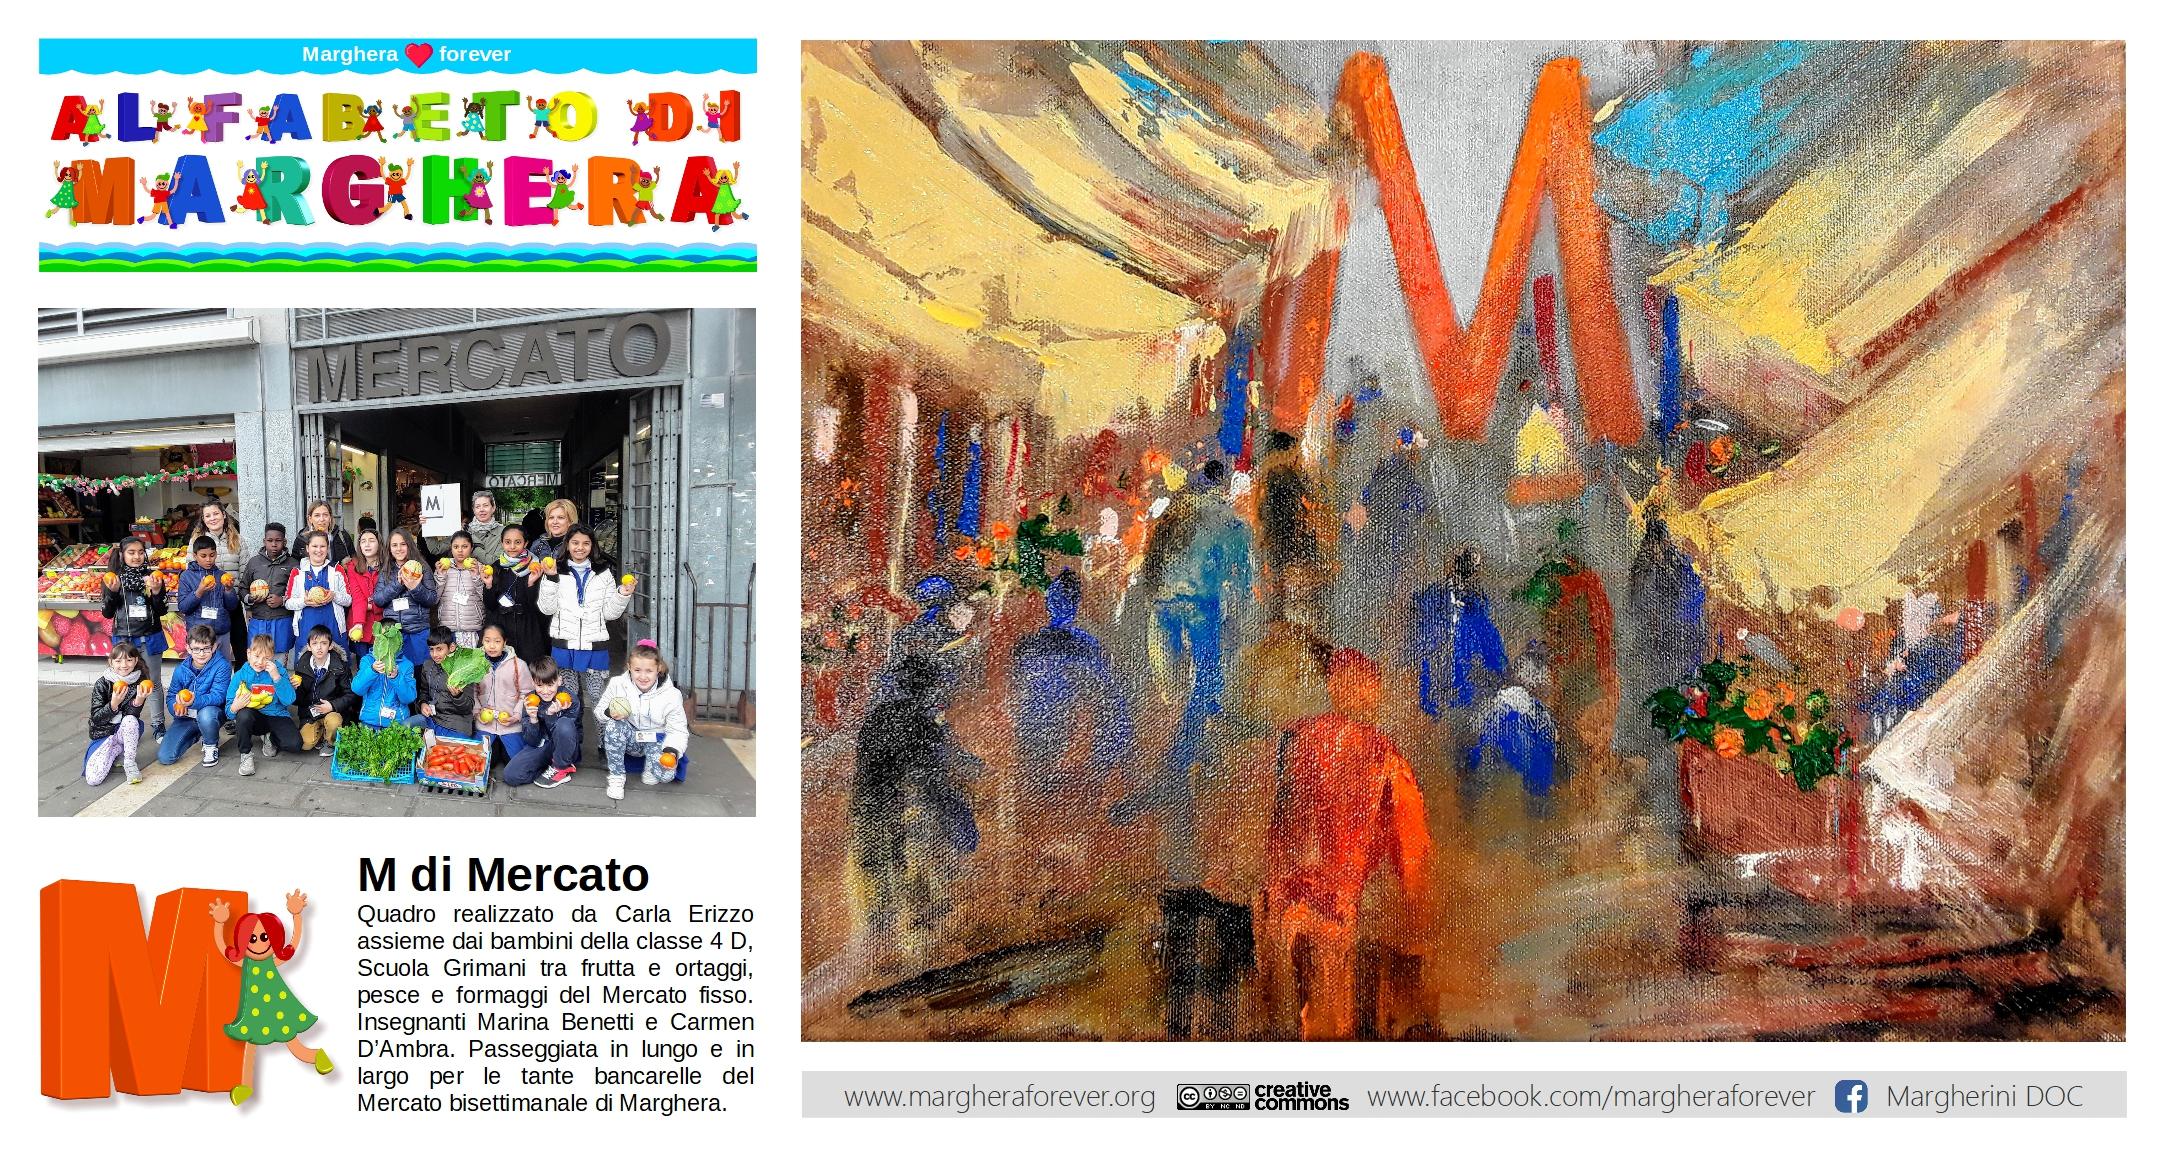 M di Mercato di Carla Erizzo - ALFABETO DI MARGHERA per lo Sviluppo Sostenibile - Comitato Marghera forever - Istituto Comprensivo Grimani.jpg